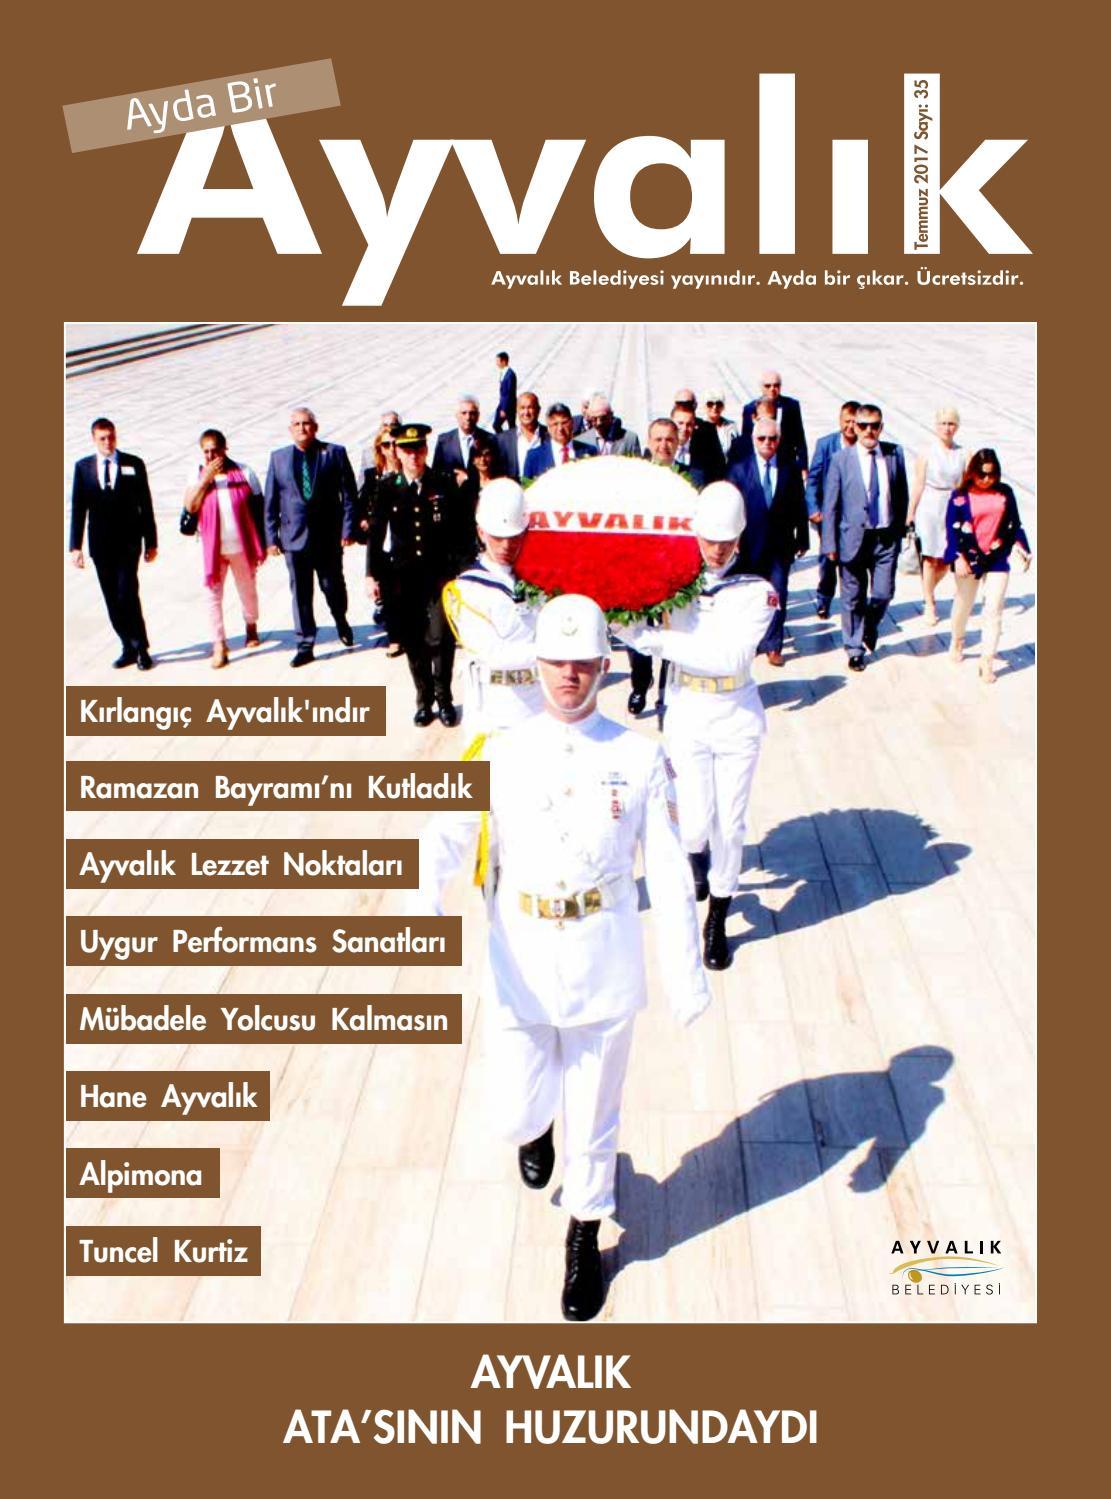 Atatürk Orman Çiftliğinde 60 bin şişe şarap, üretim hatası denerek bekletiliyor iddiası 56